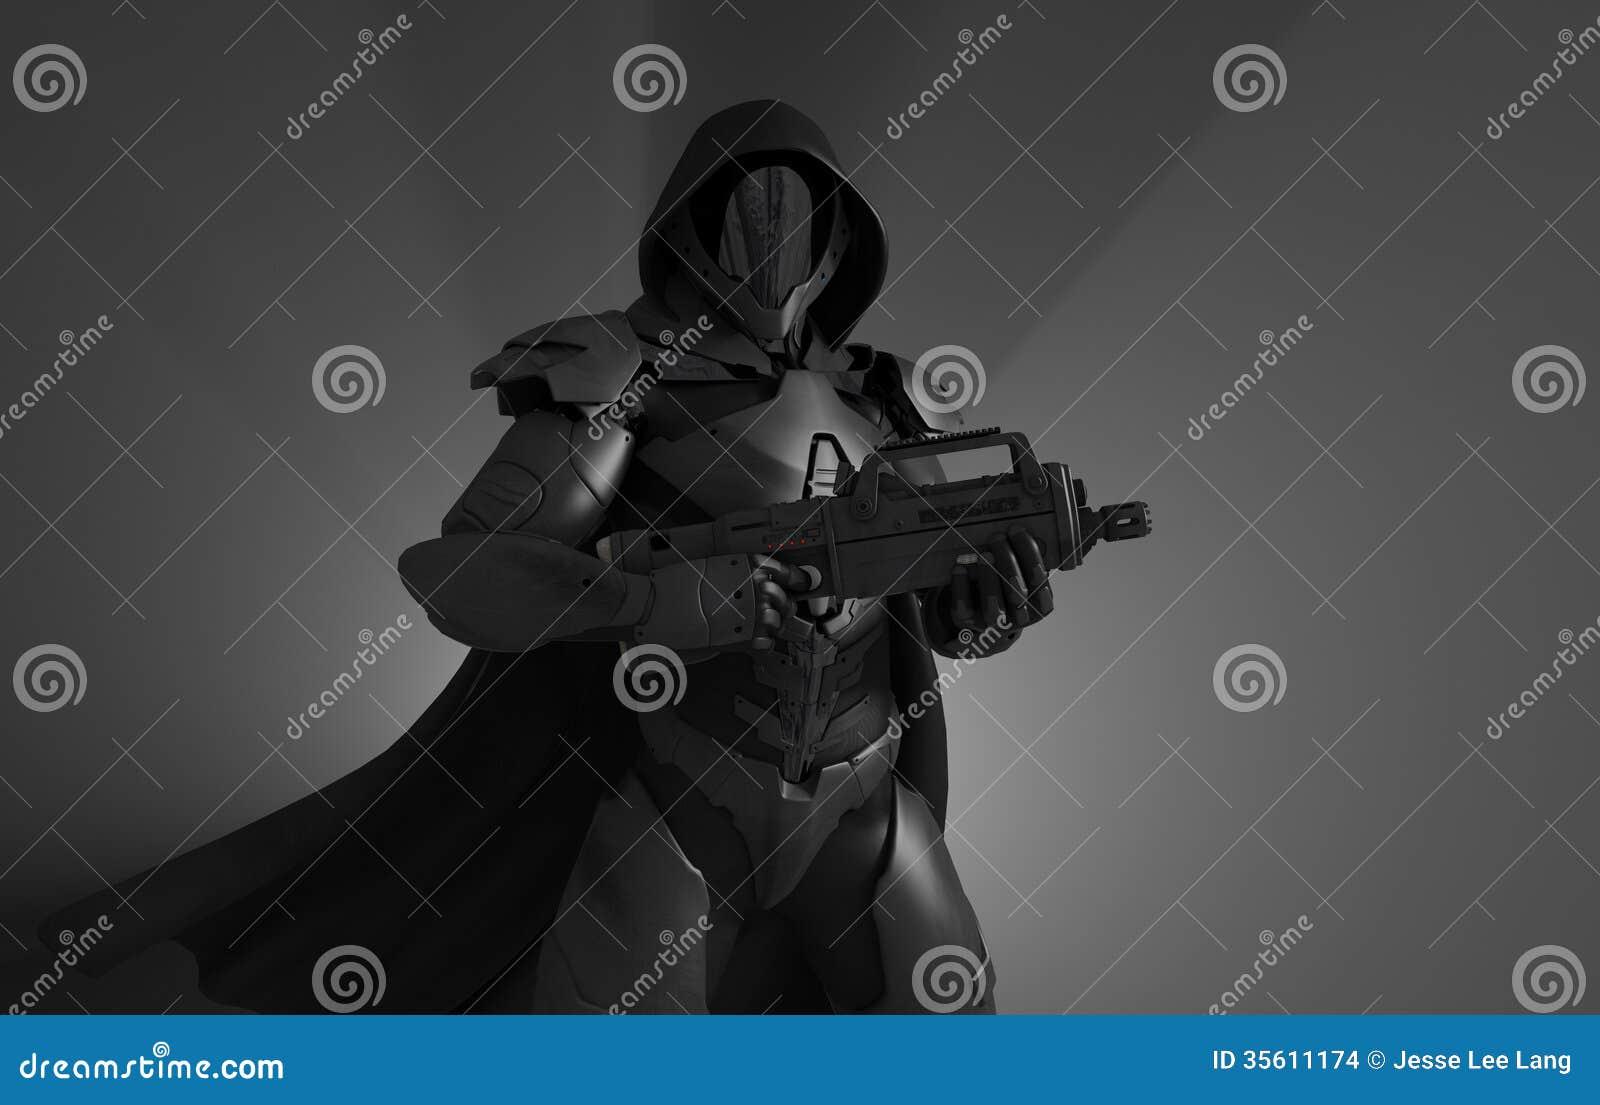 Futuristic Super Soldier Advanced \x3cb\x3esuper soldier\x3c/b\x3e ...